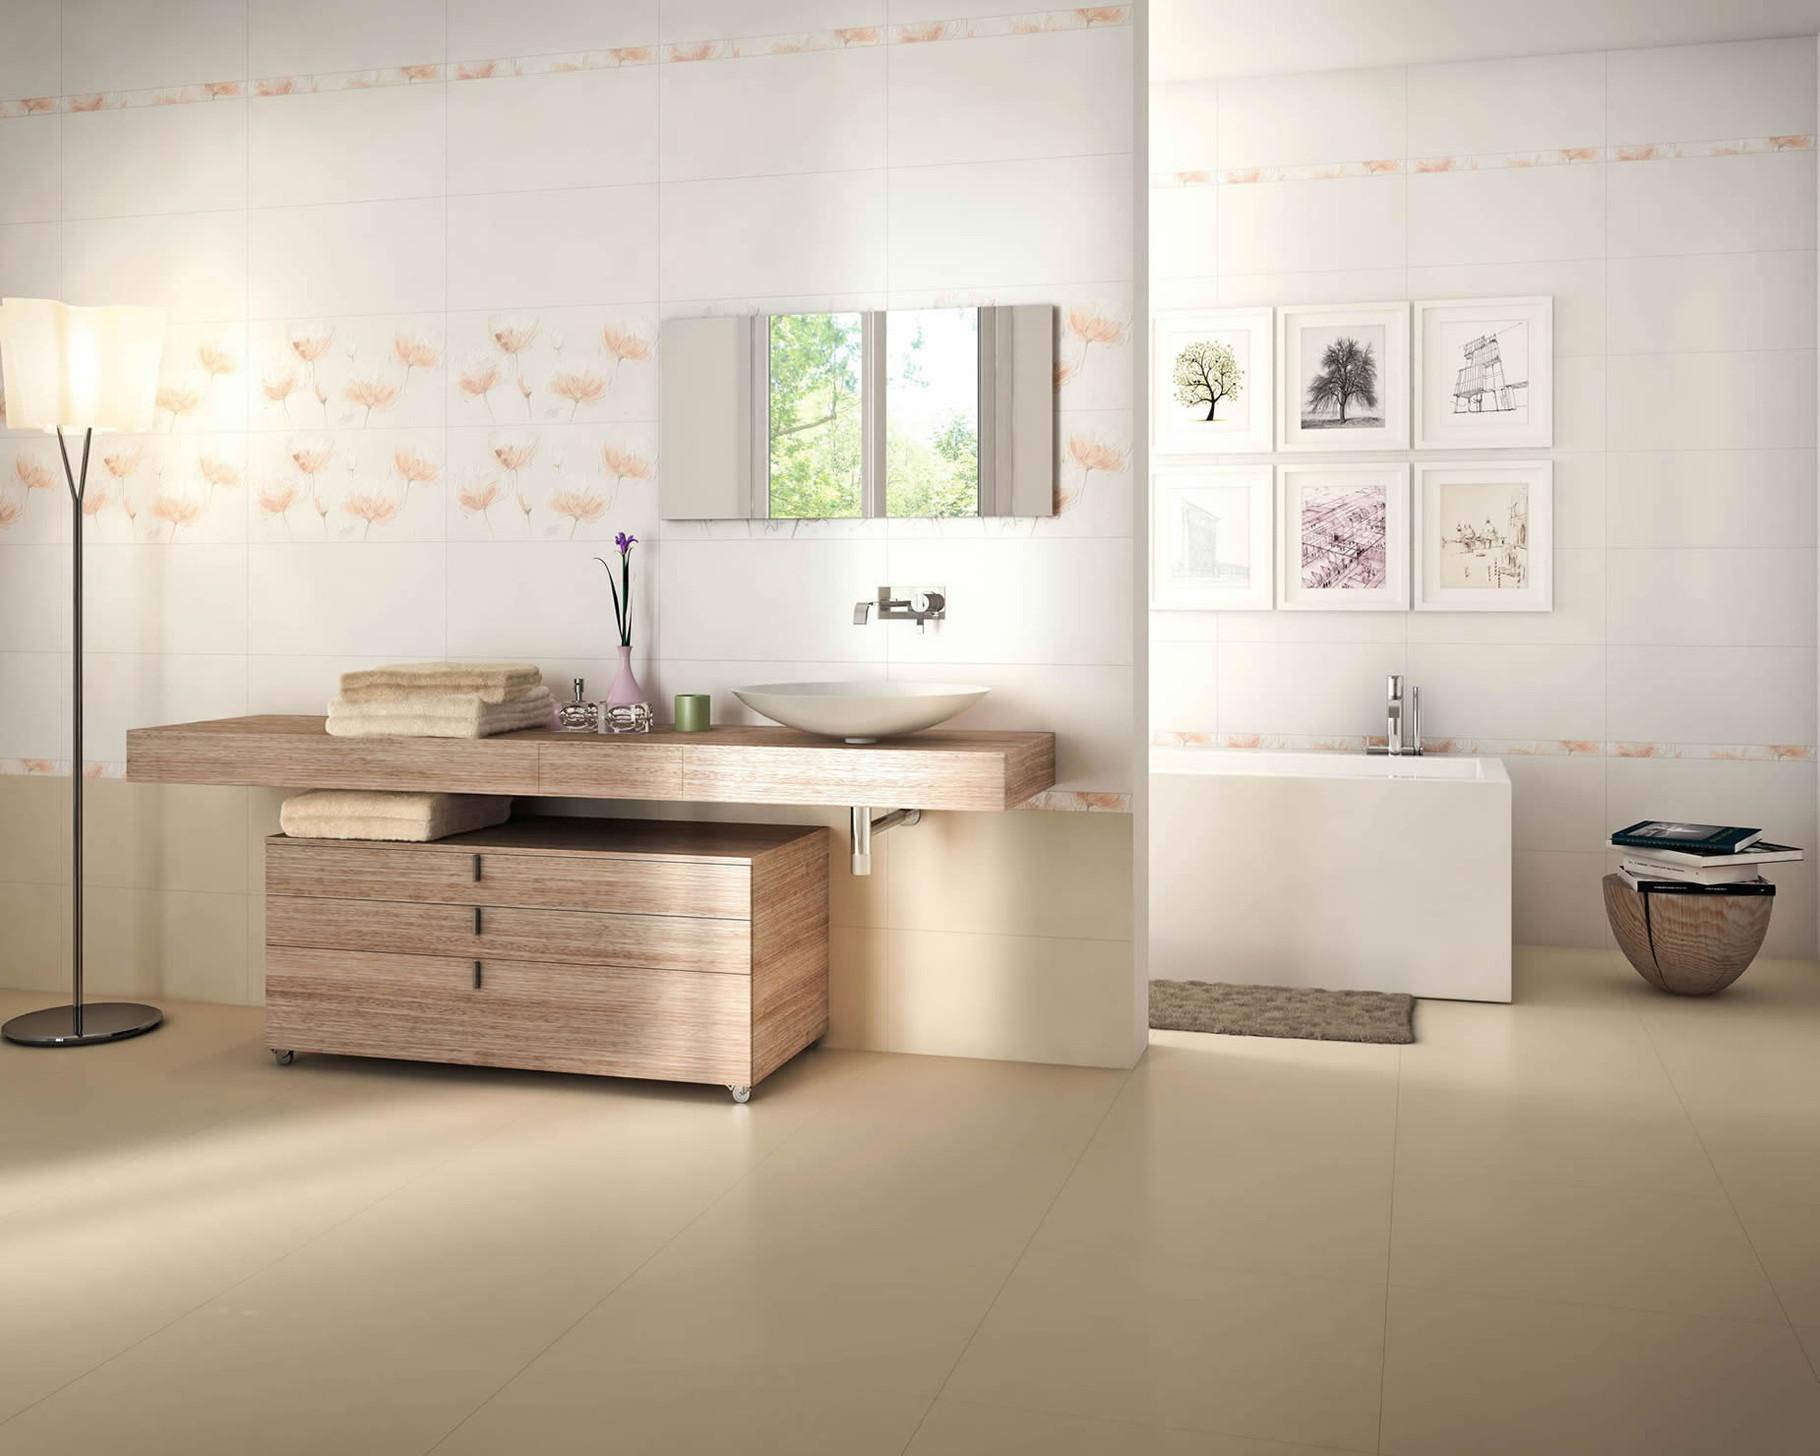 Pavimento spessore mm 4 8 casaeco pavimenti e rivestimenti in ceramica rubinetterie per bagno - Piastrelle bagno legno ...